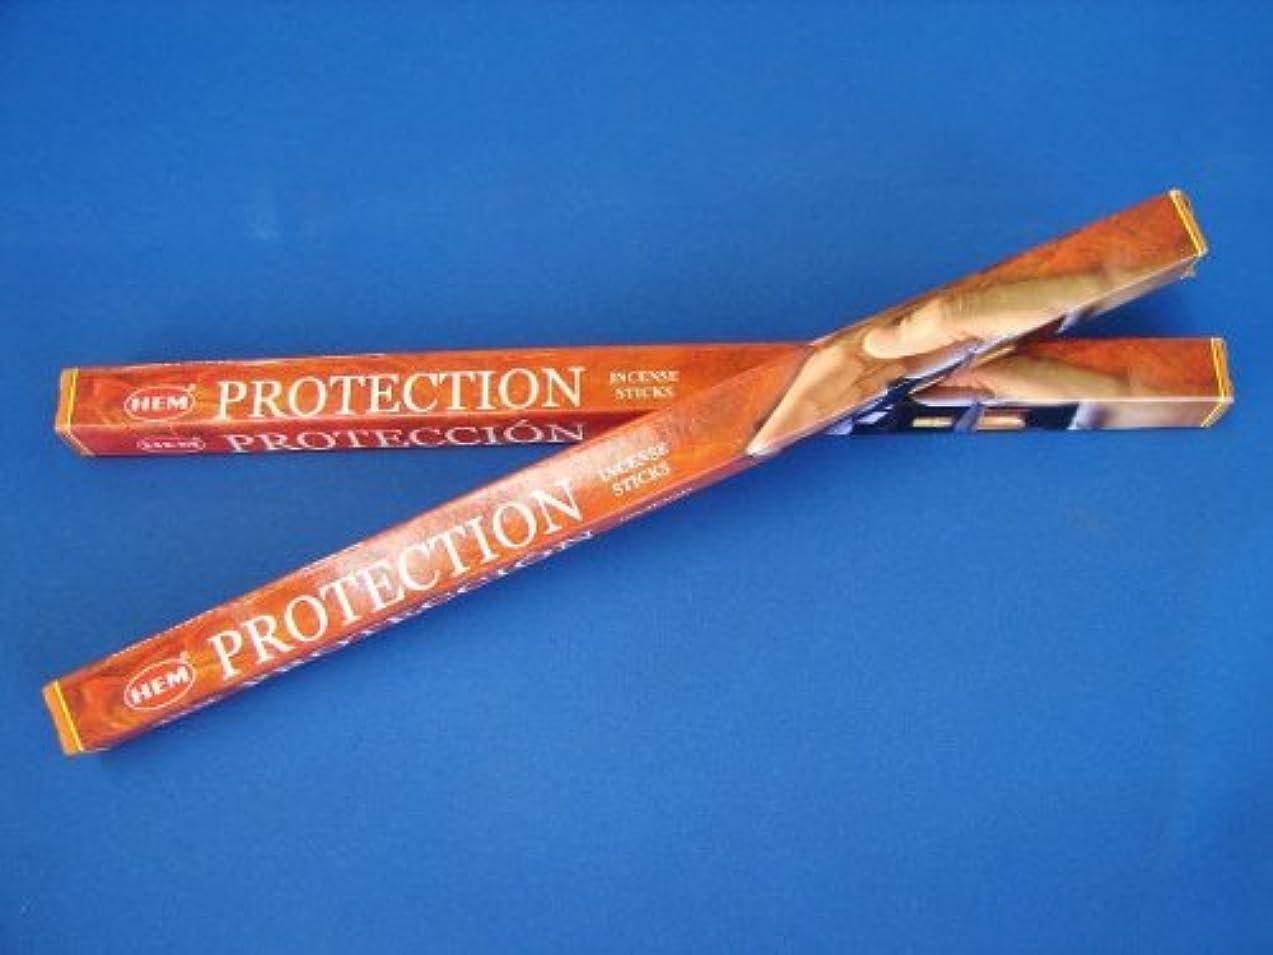 薬用寛容なあいにく4 Boxes of HEM Incense Sticks - Protection